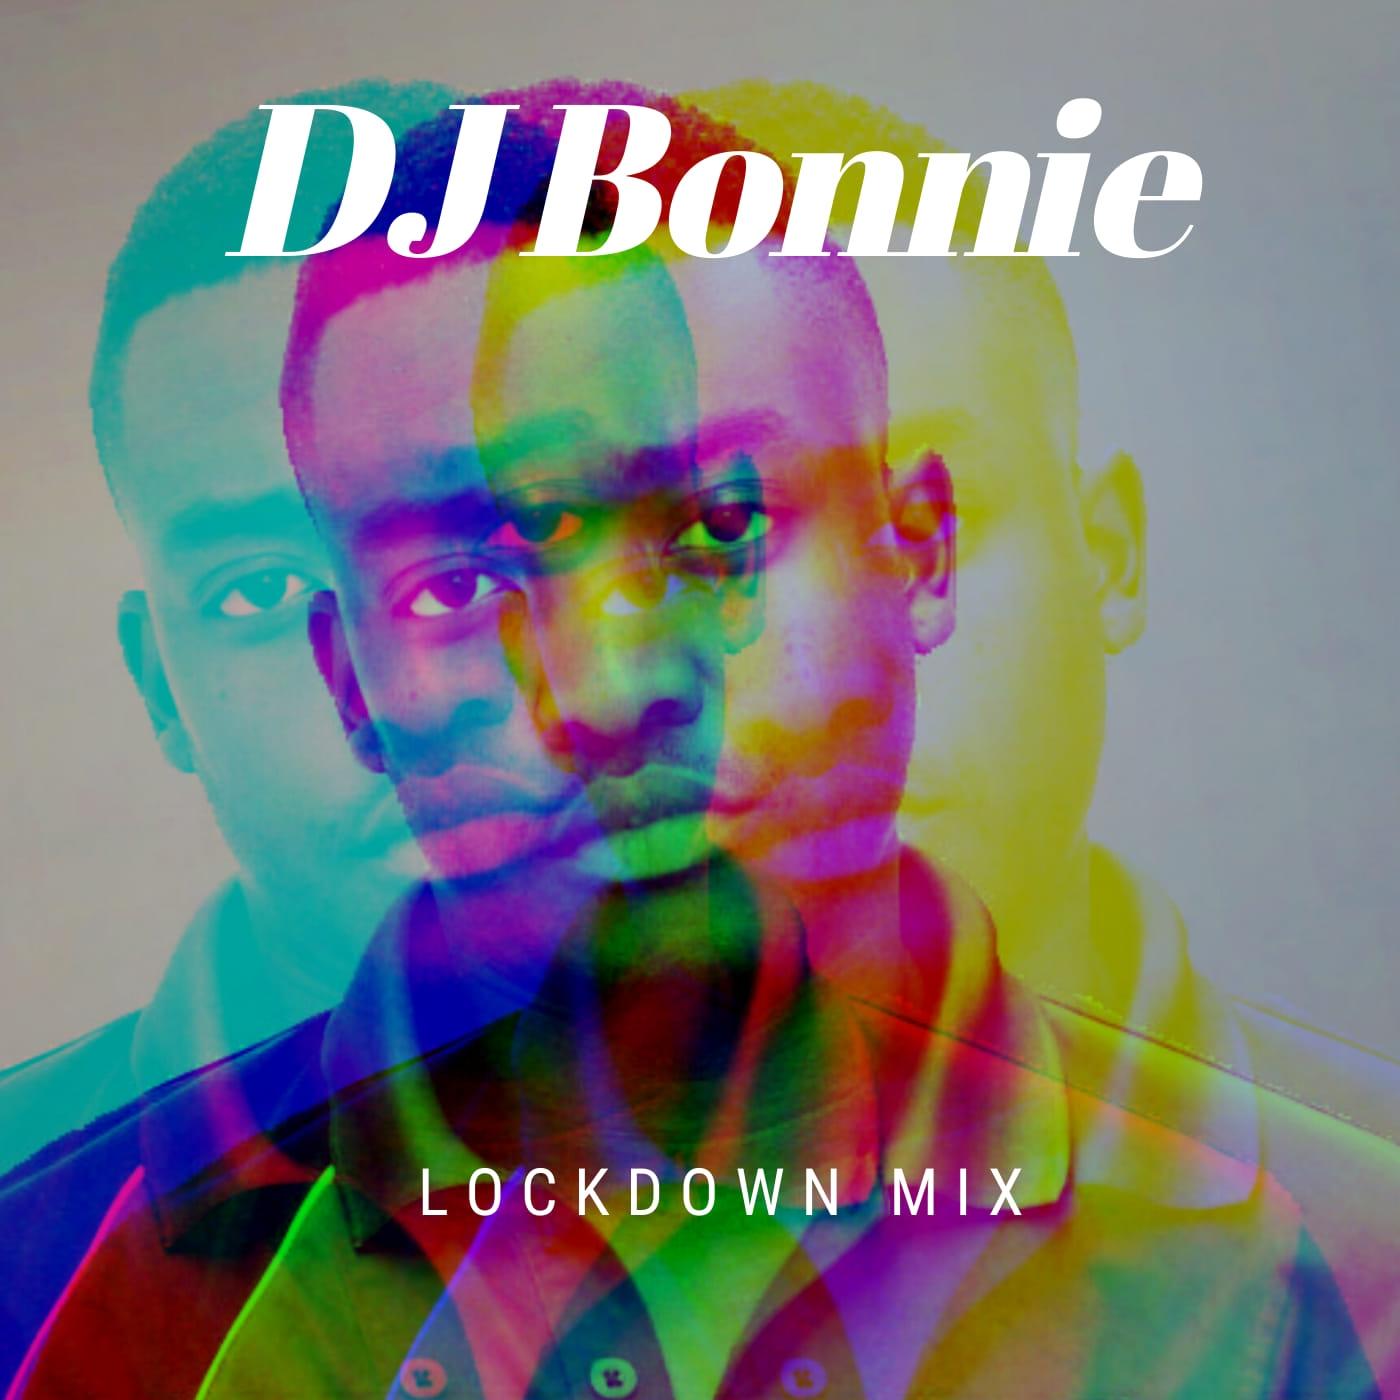 DJ Bonnie – Lockdown Mix mp3 download